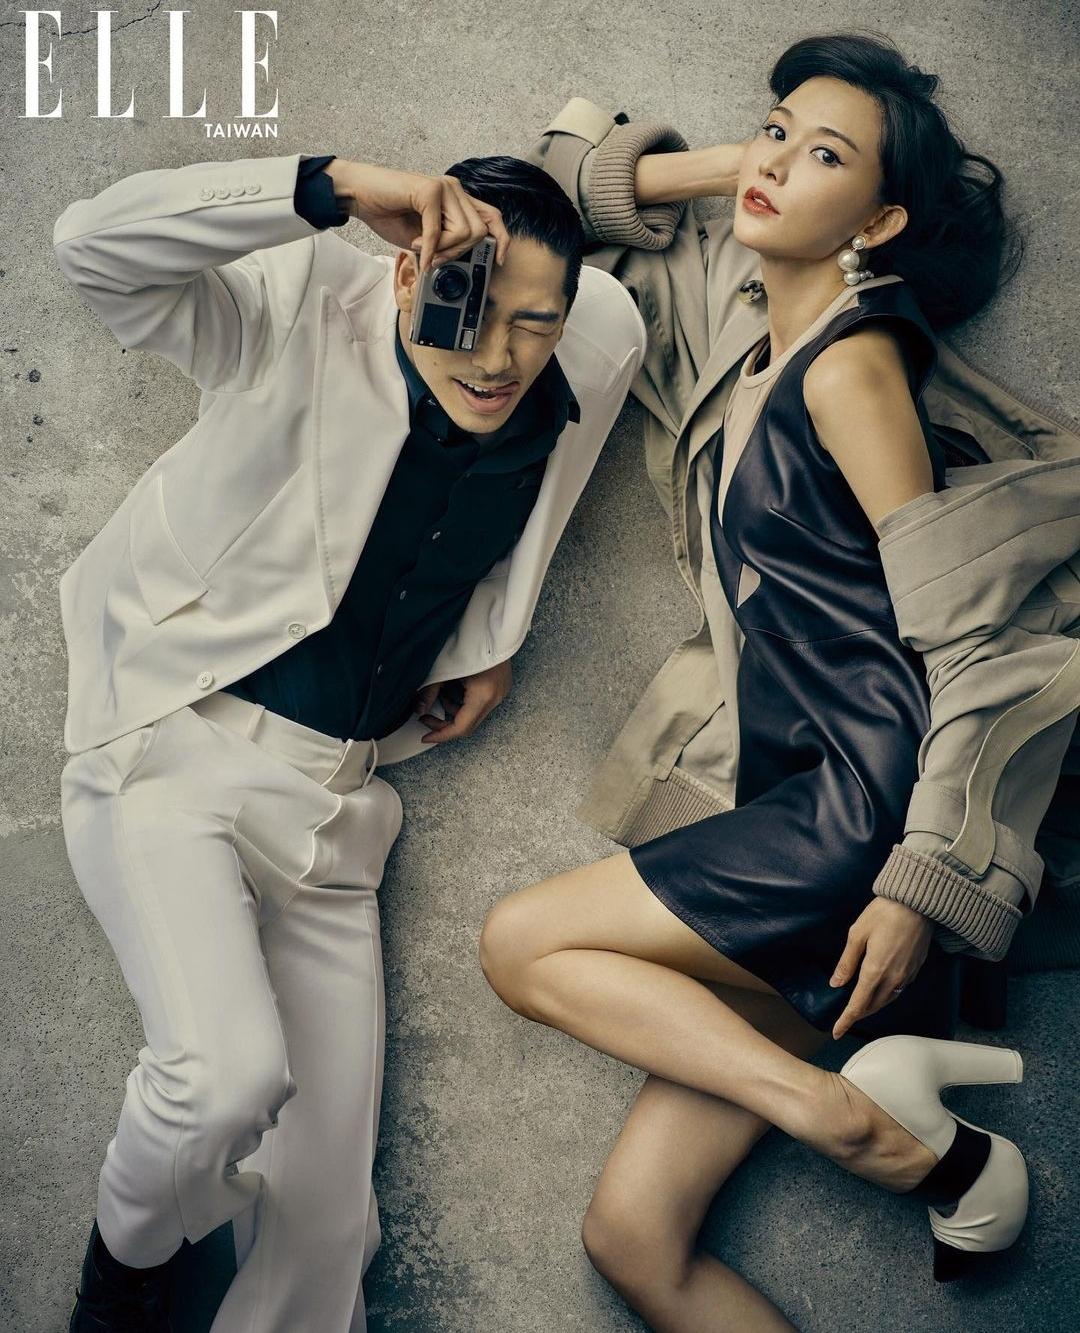 林志玲晒与丈夫Akira恩爱写真,庆祝结婚2周年,雨中共舞超浪漫